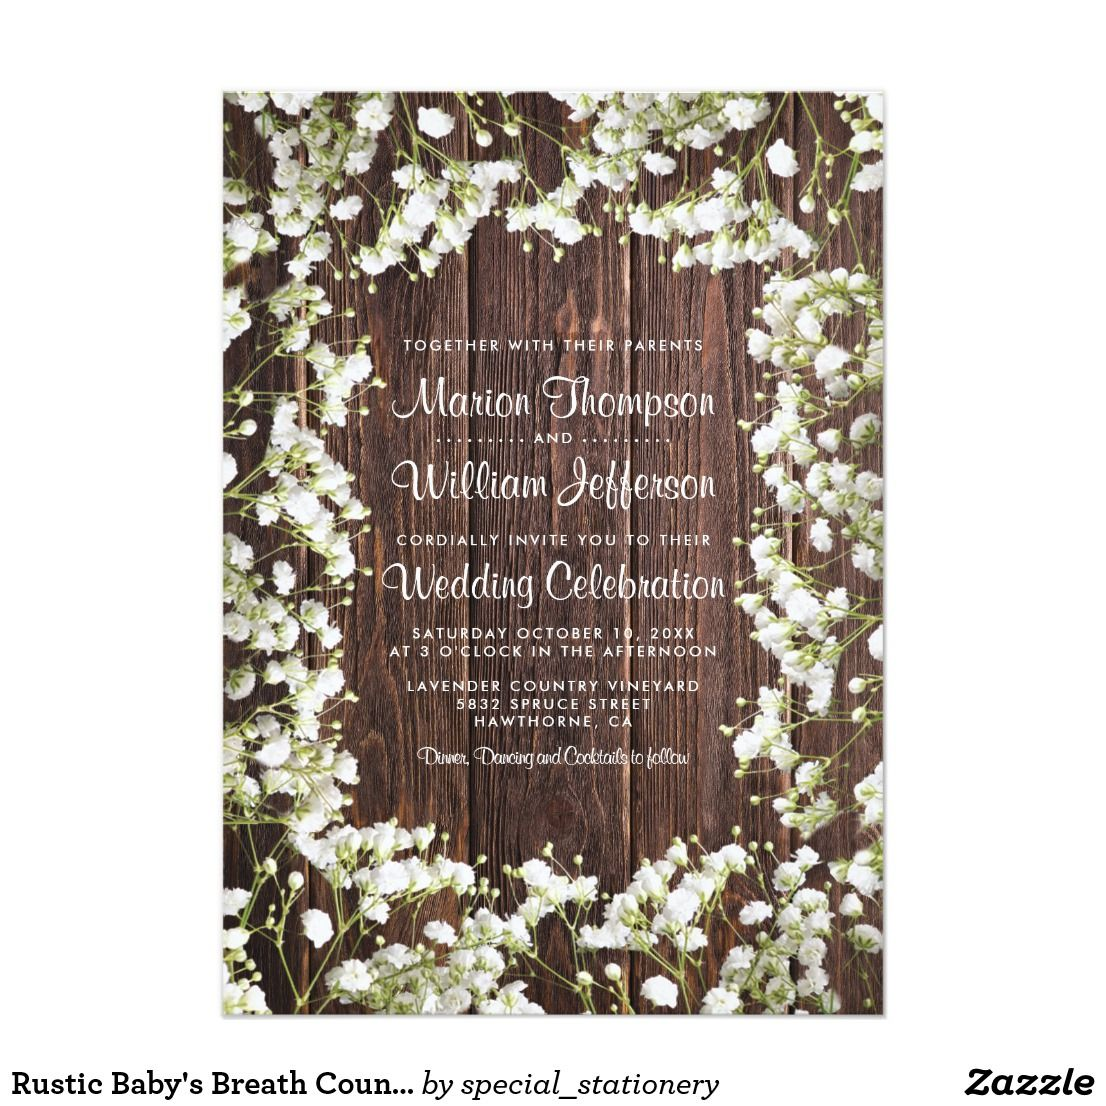 Rustic Babys Breath Floral Wedding Invitation Zazzle Com Floral Wedding Invitations Country Wedding Invitations Wedding Invitations Rustic Country